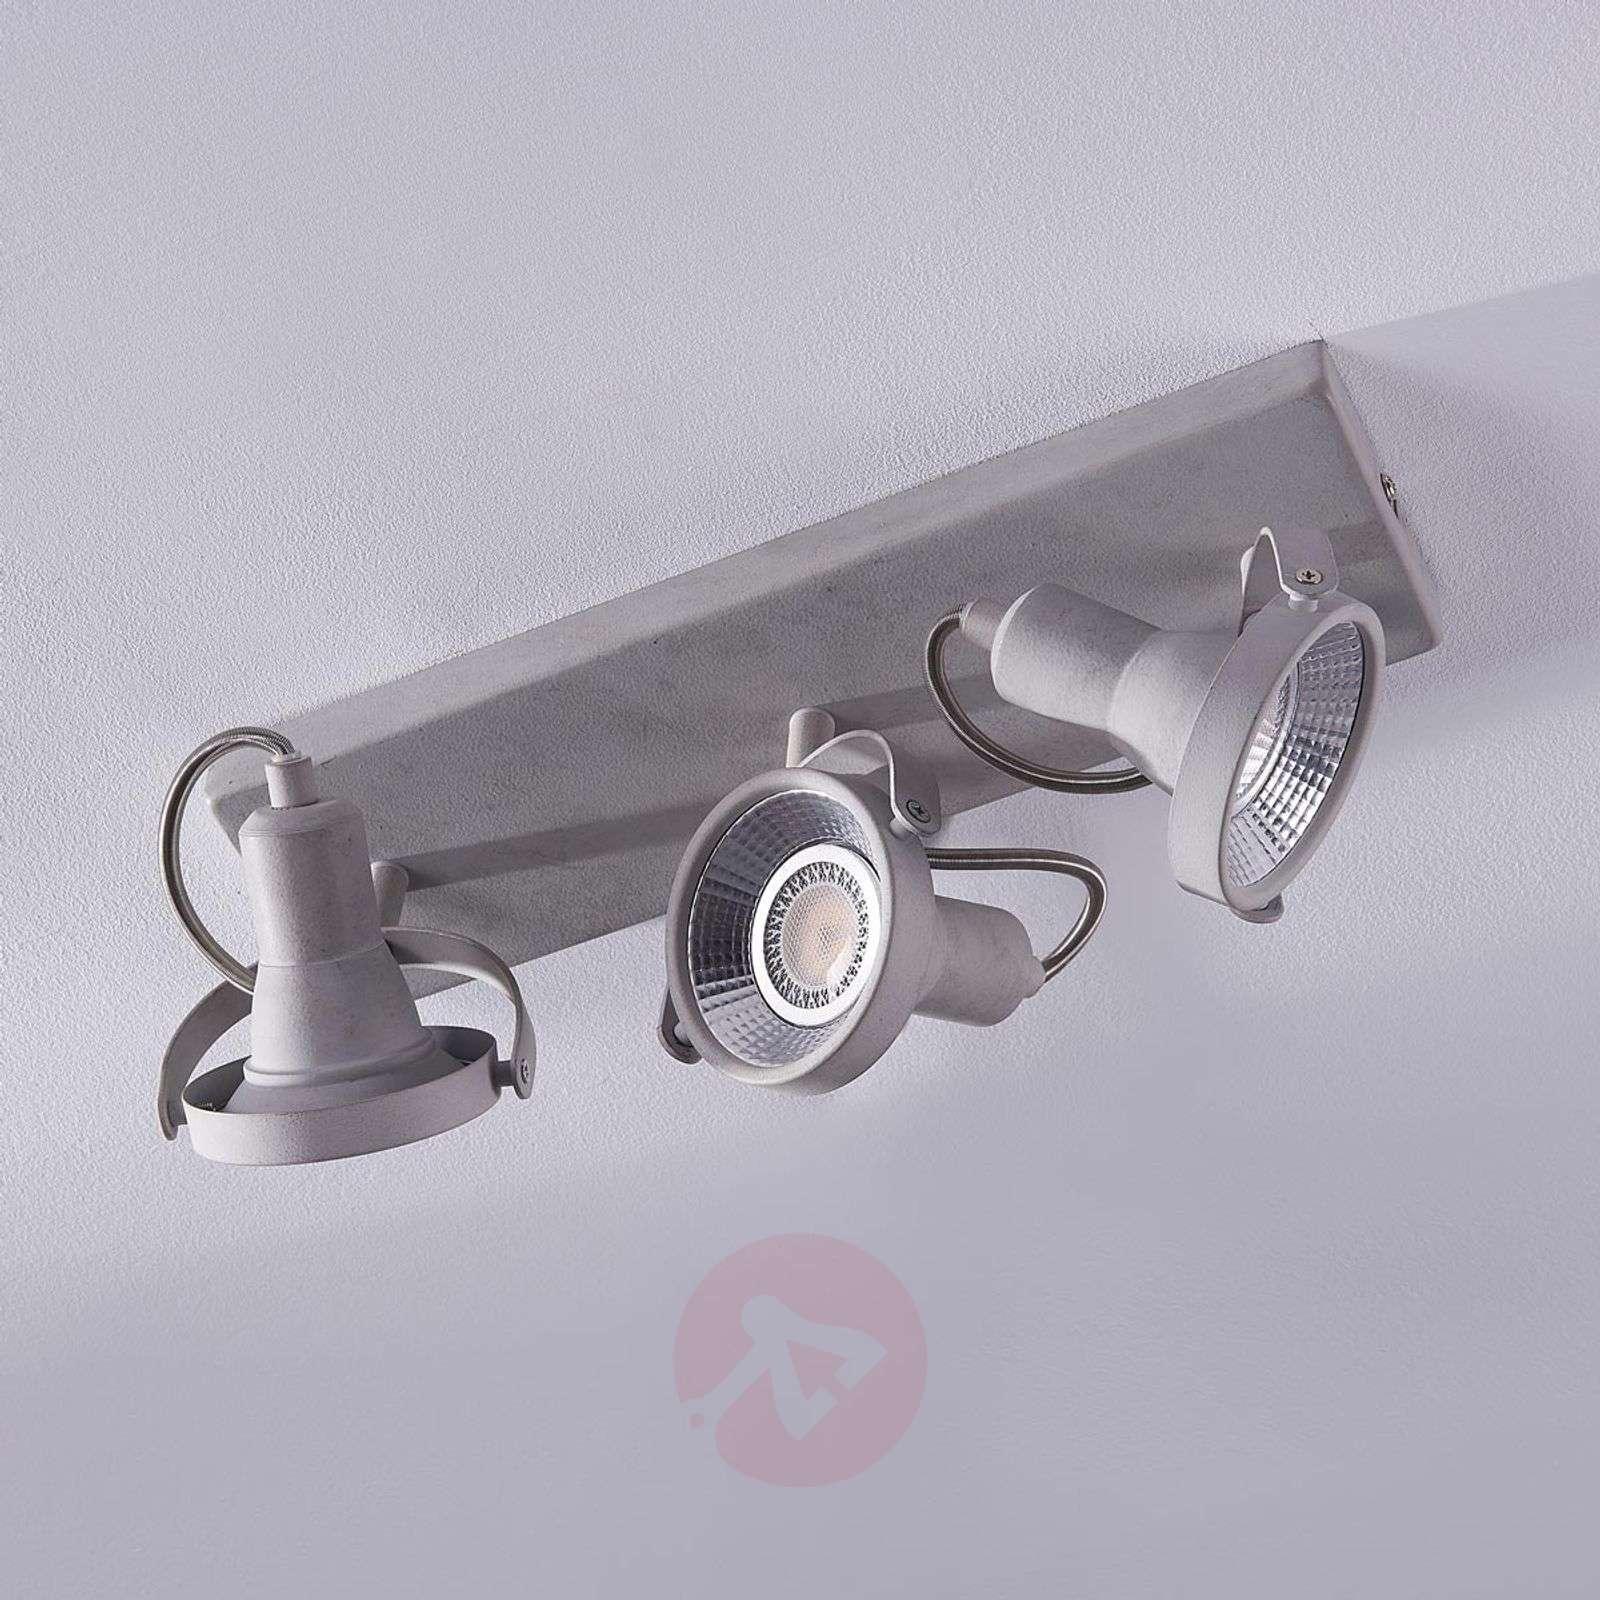 Kolmilamppuinen-LED-kattospotti Pieter-9620736-04